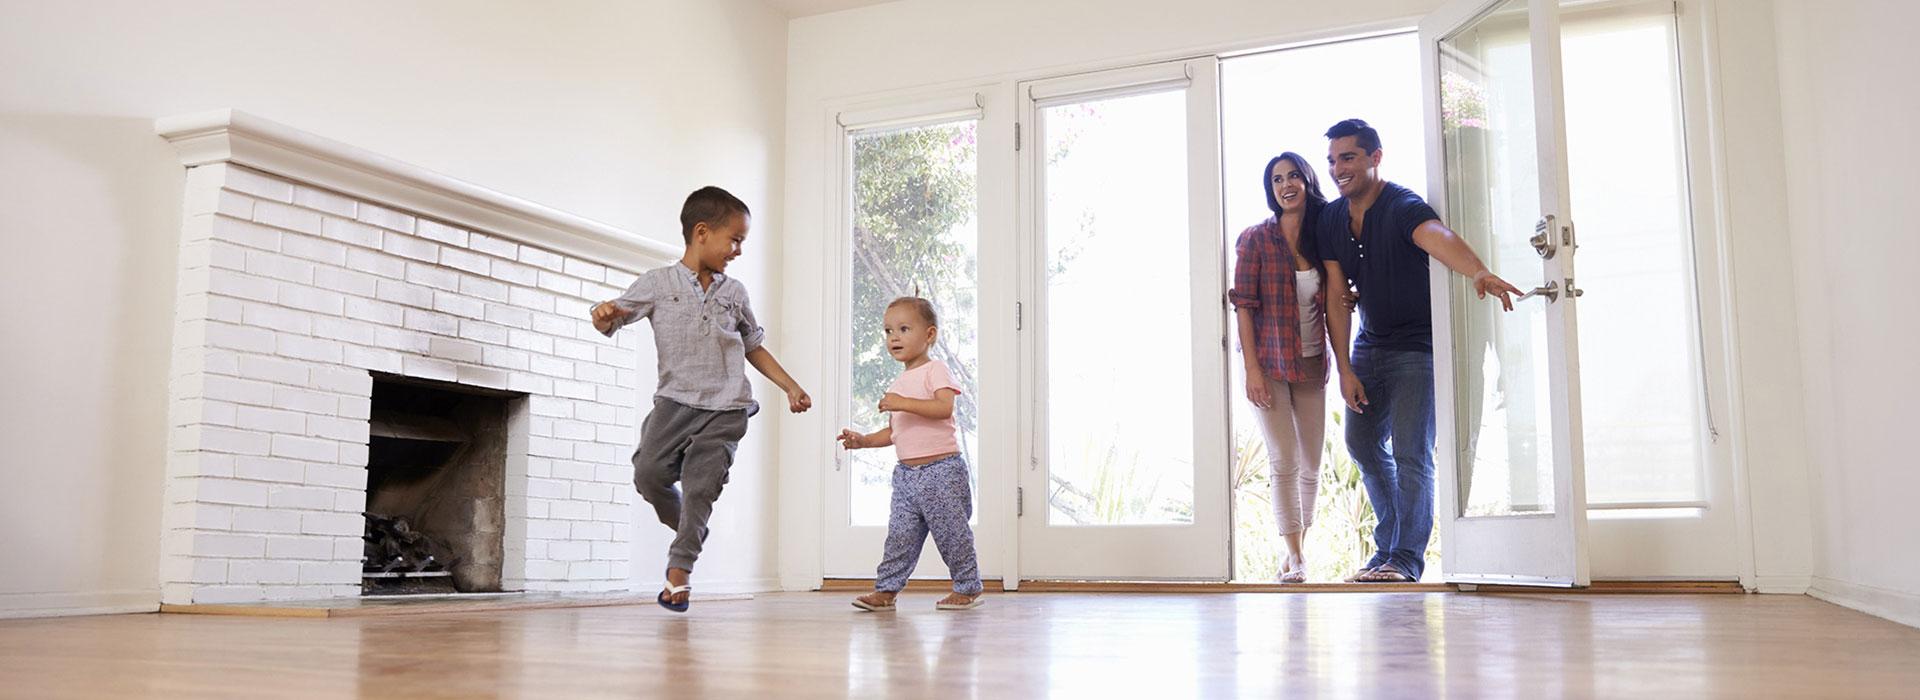 Midamerica-Lenders-préstamos-para-comprar-casa